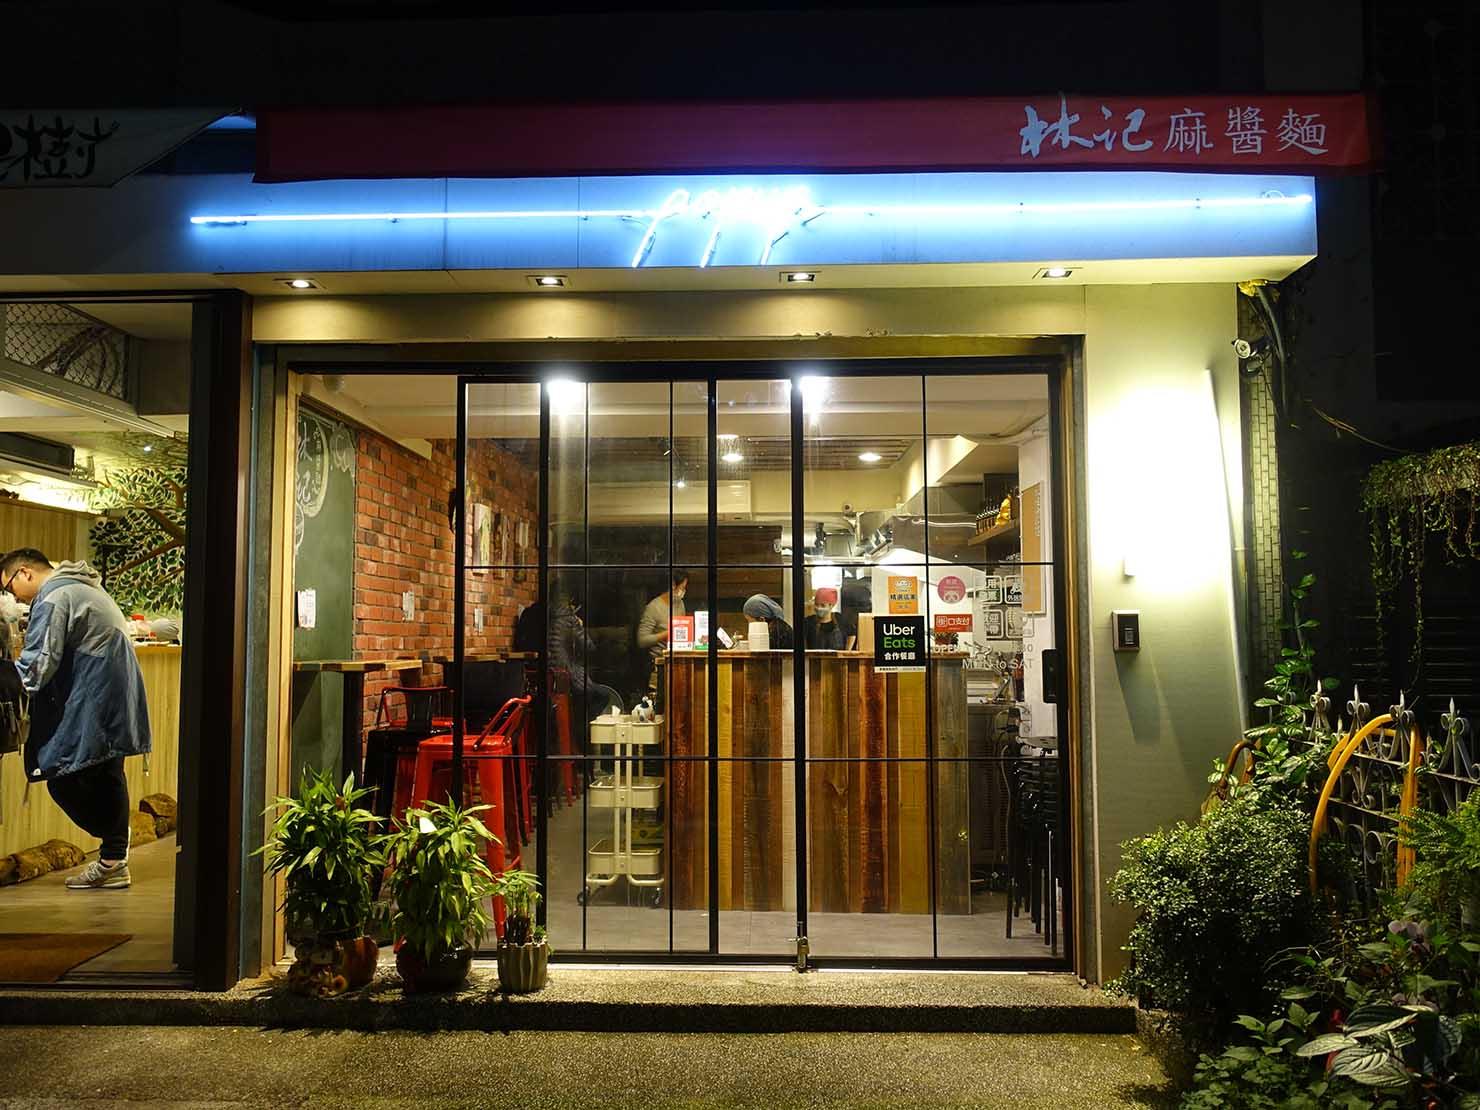 台北・國父紀念館のおすすめグルメ店「林家麻醬麵」の外観